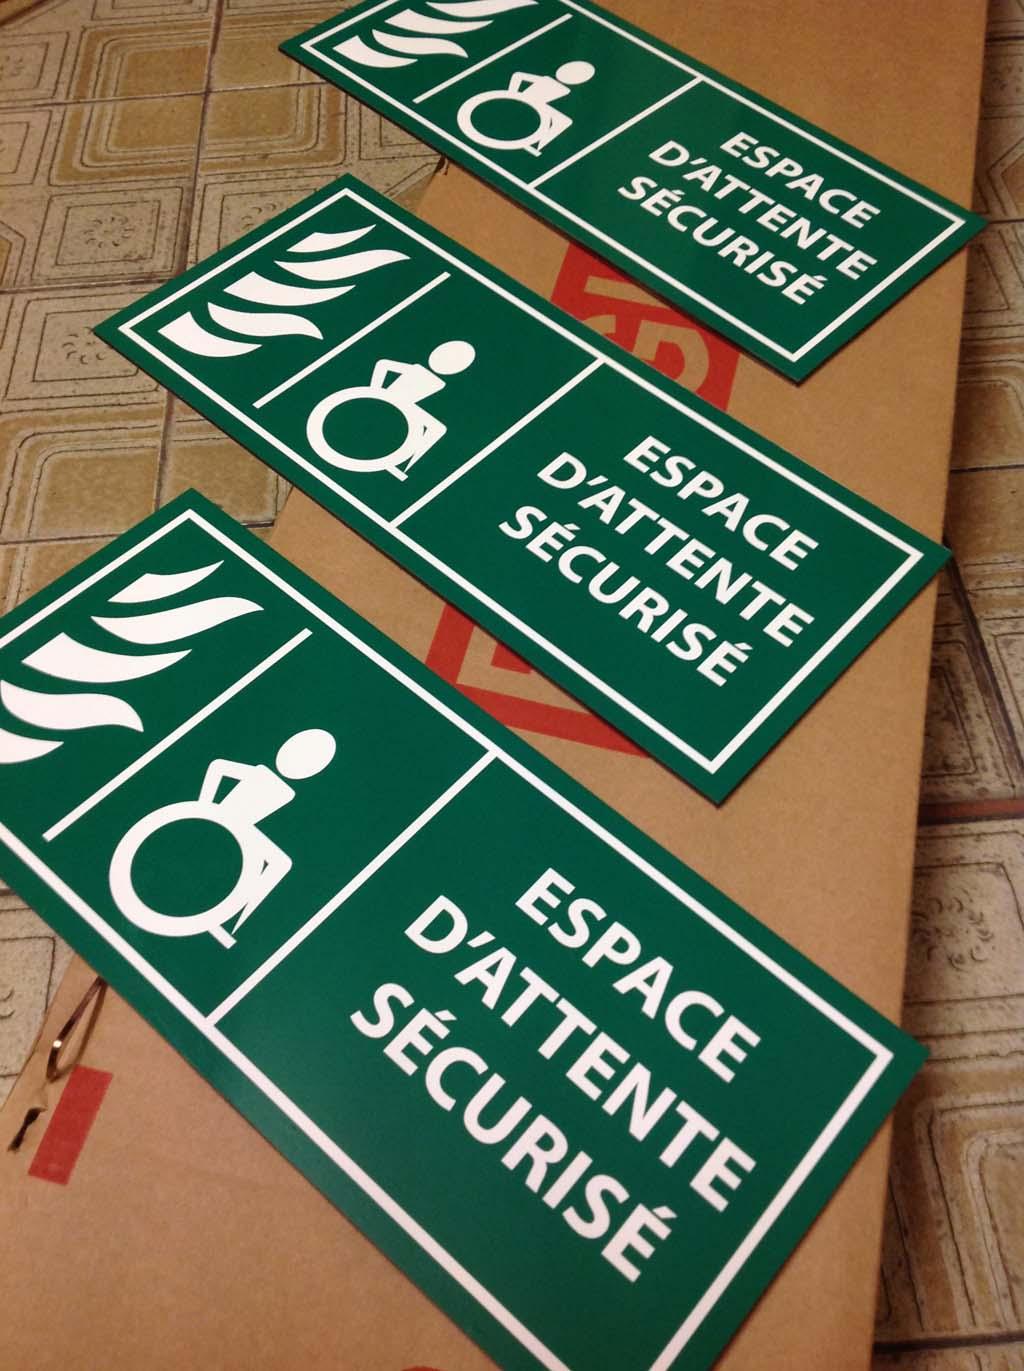 Panneau signalétique de sécurité pour espaces publics, collectivités, écoles, lieux publics